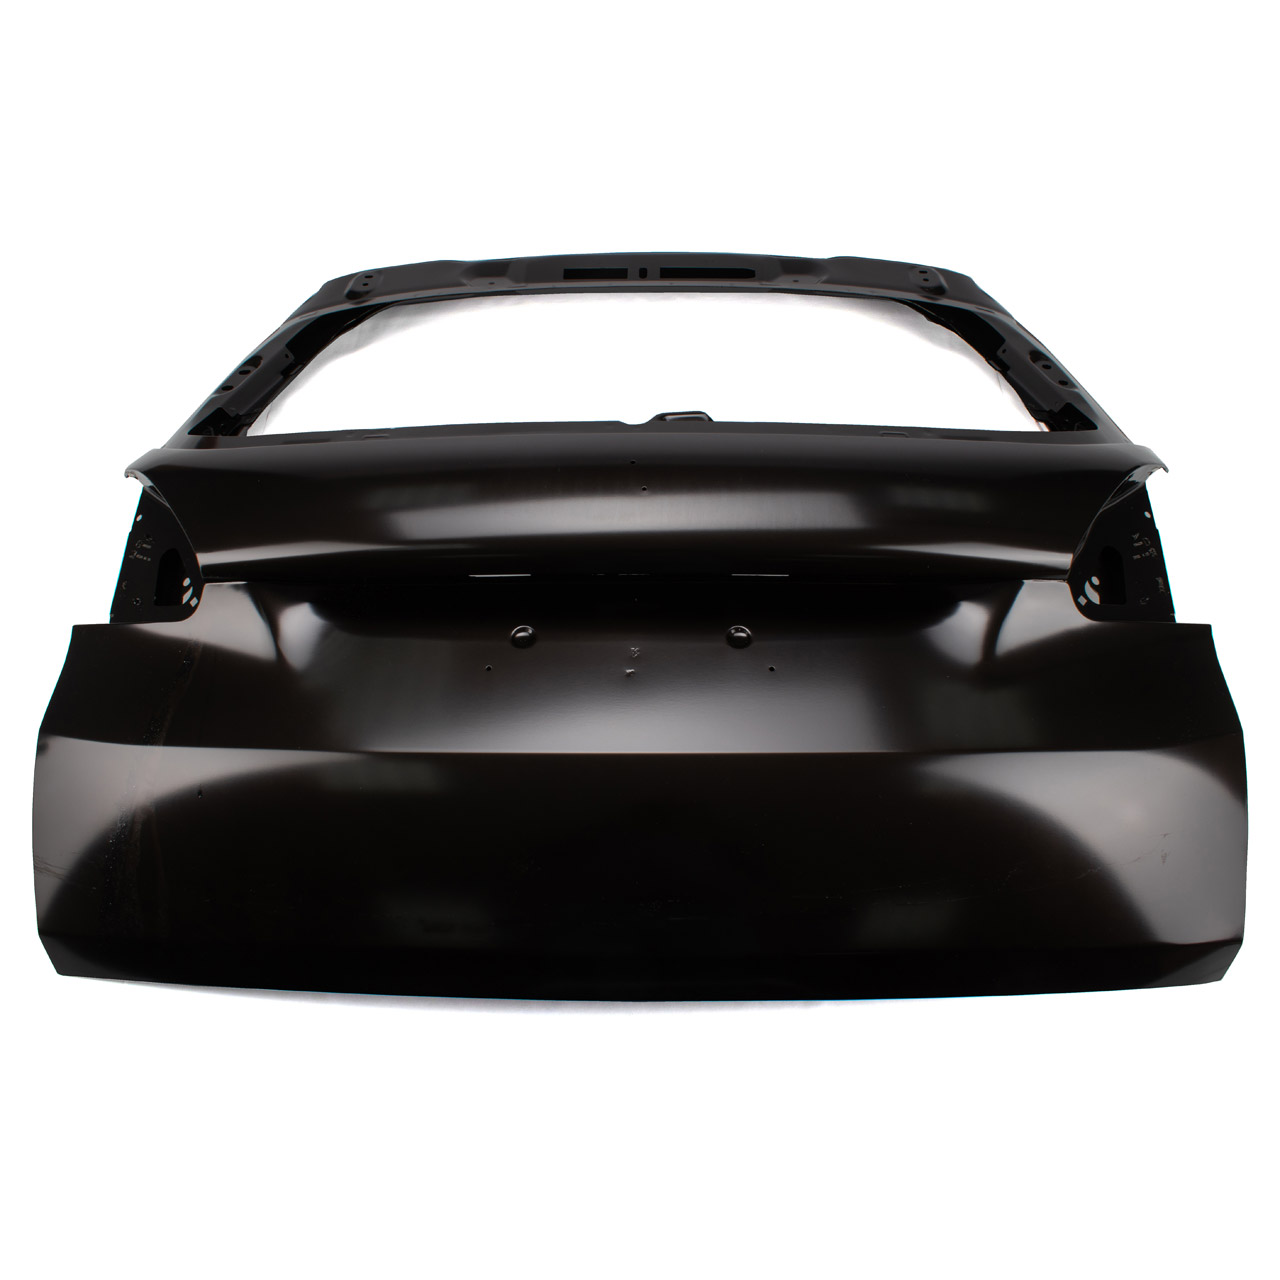 ORIGINAL Peugeot Heckklappe 2008 I (CU_) ohne Parkassistenzsystem 9802961780